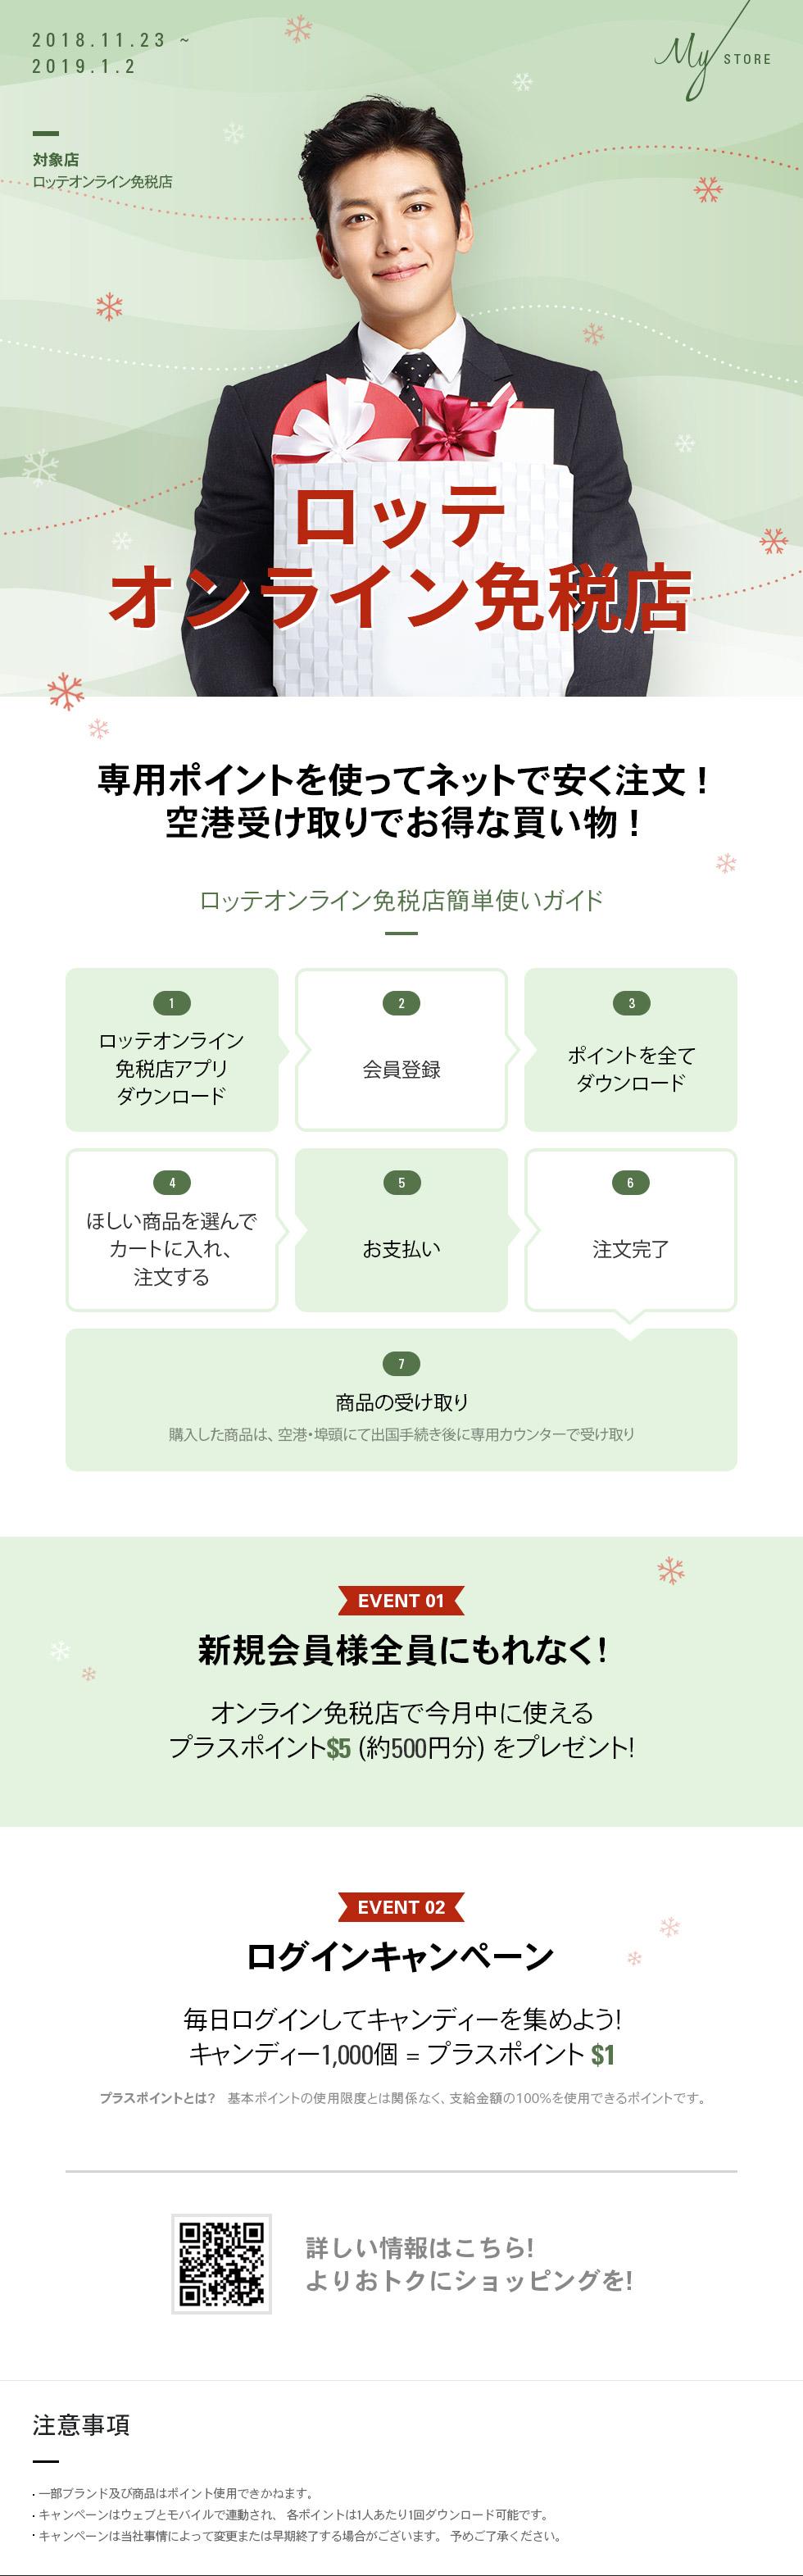 ロッテオンライン免税店EVENT